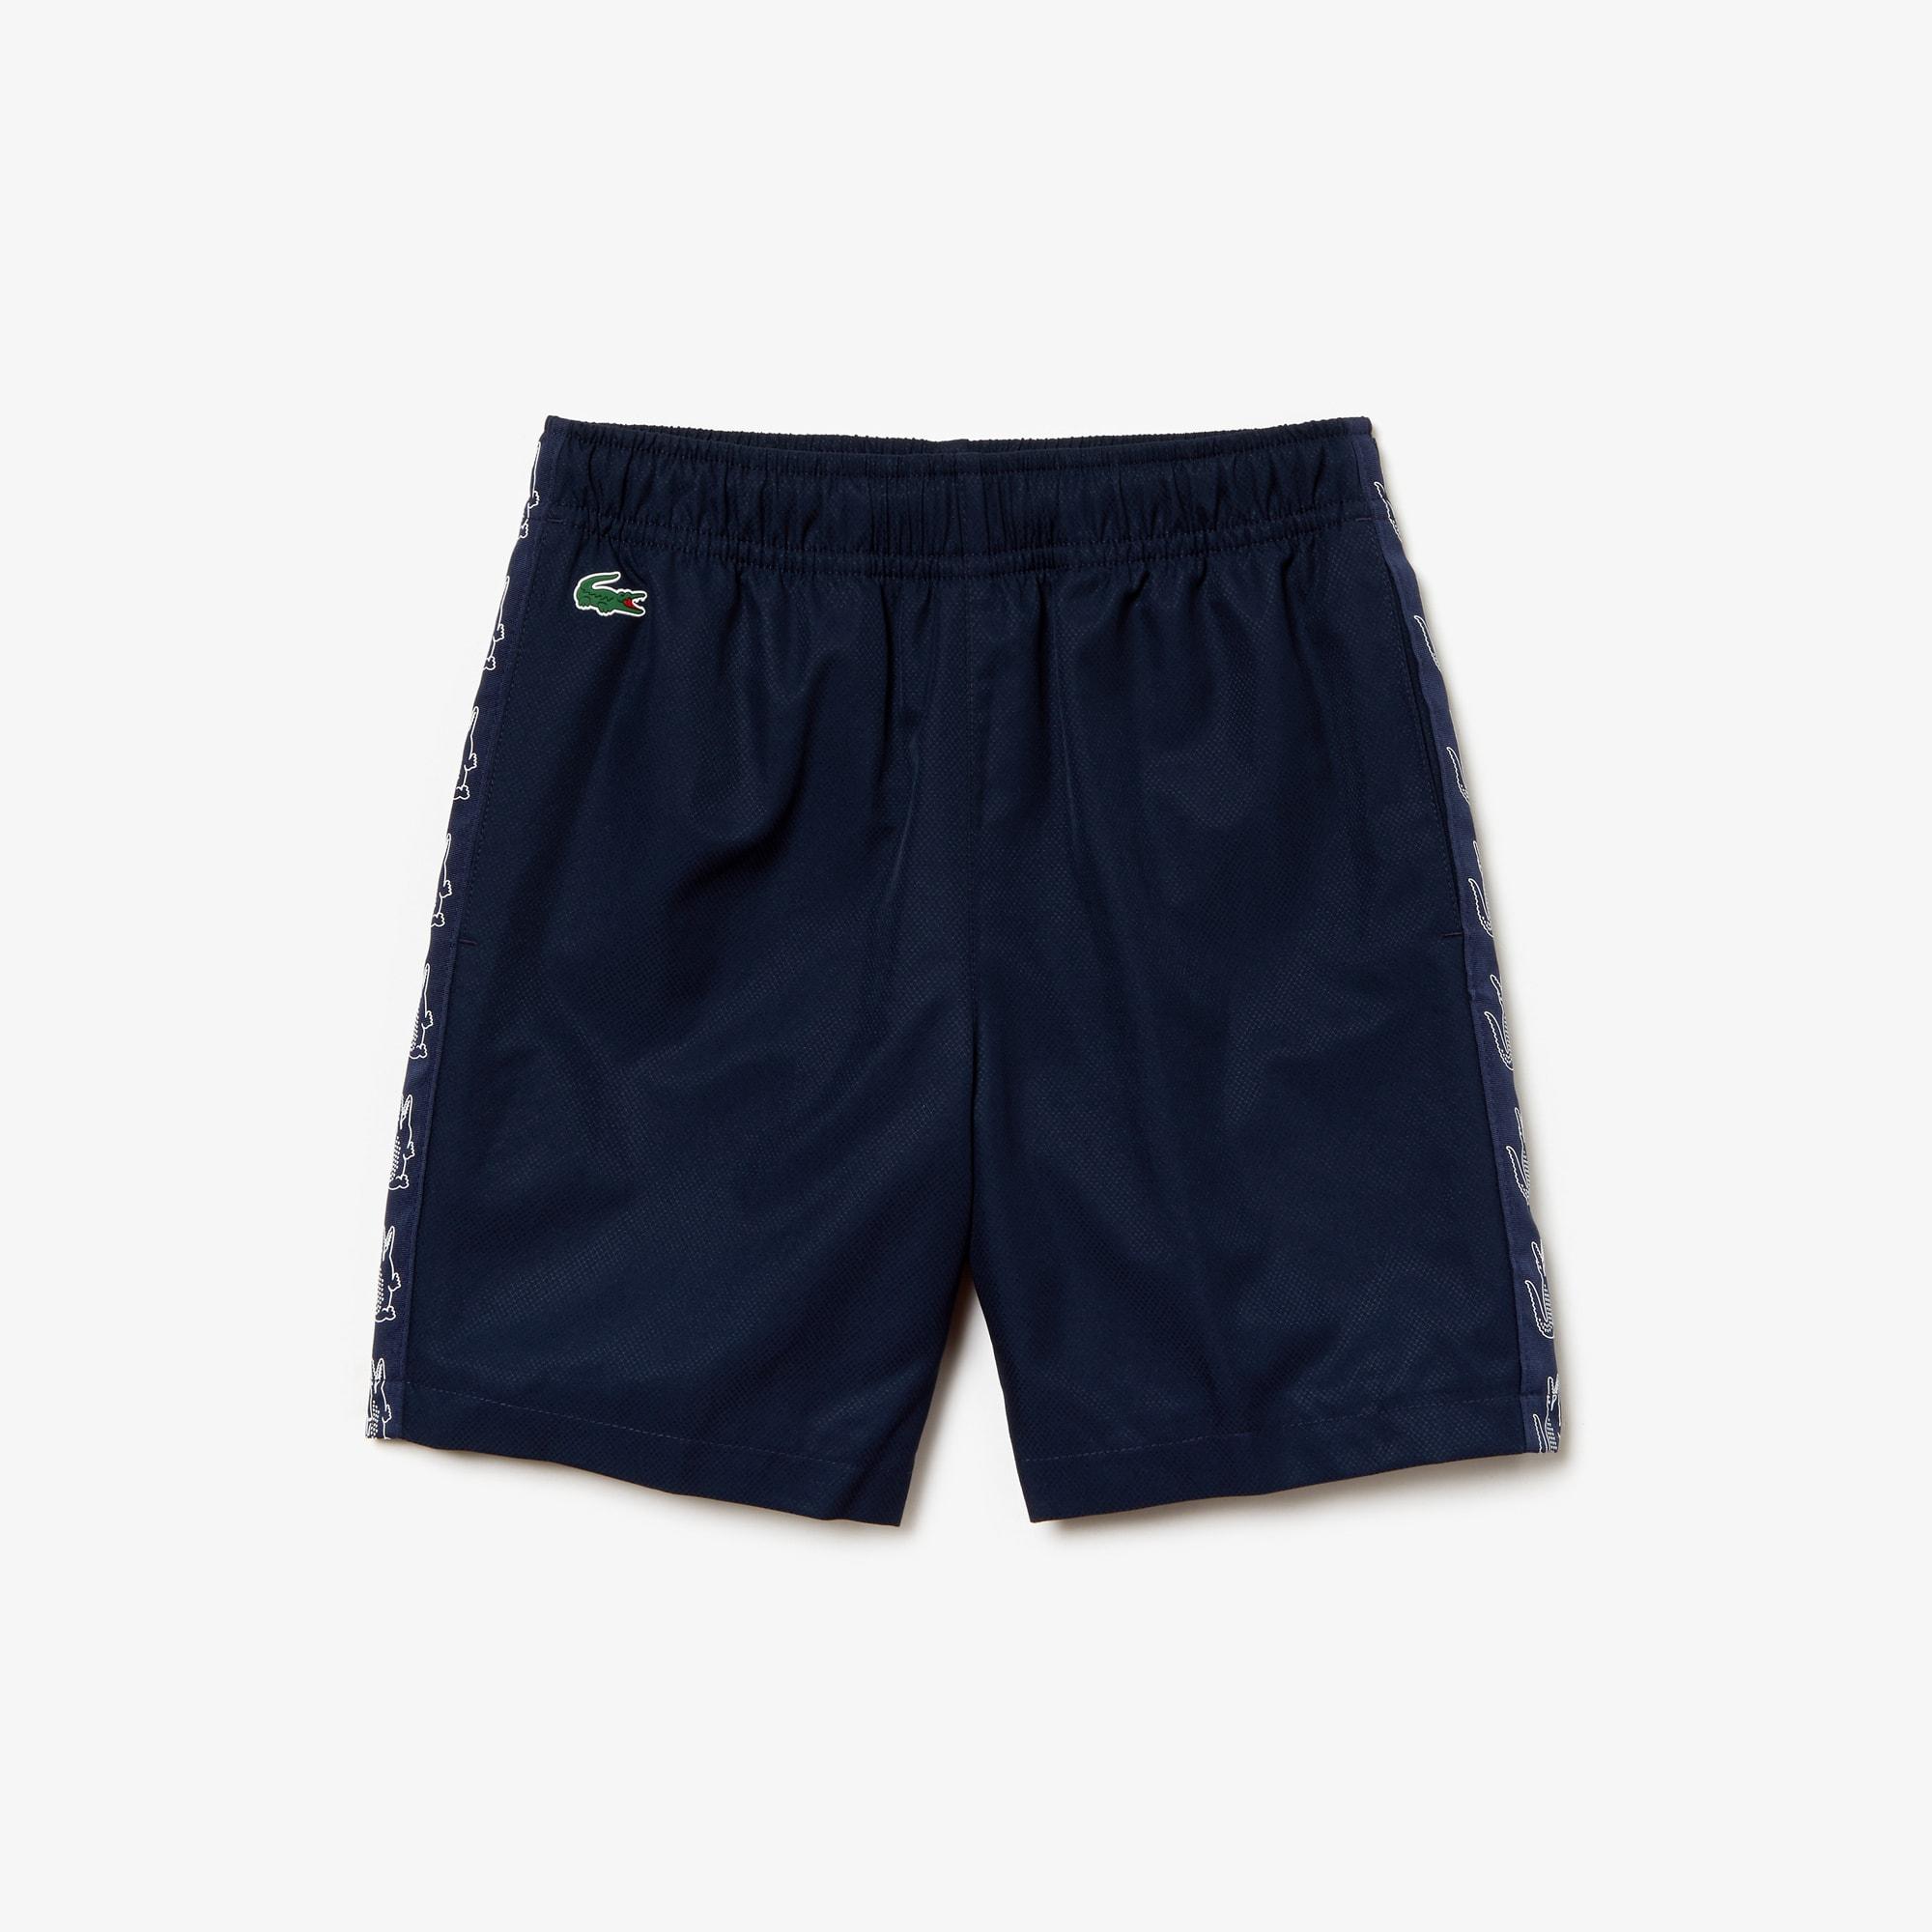 f41a2b9f93 Vêtements & Chaussures | Sport Enfant | LACOSTE SPORT